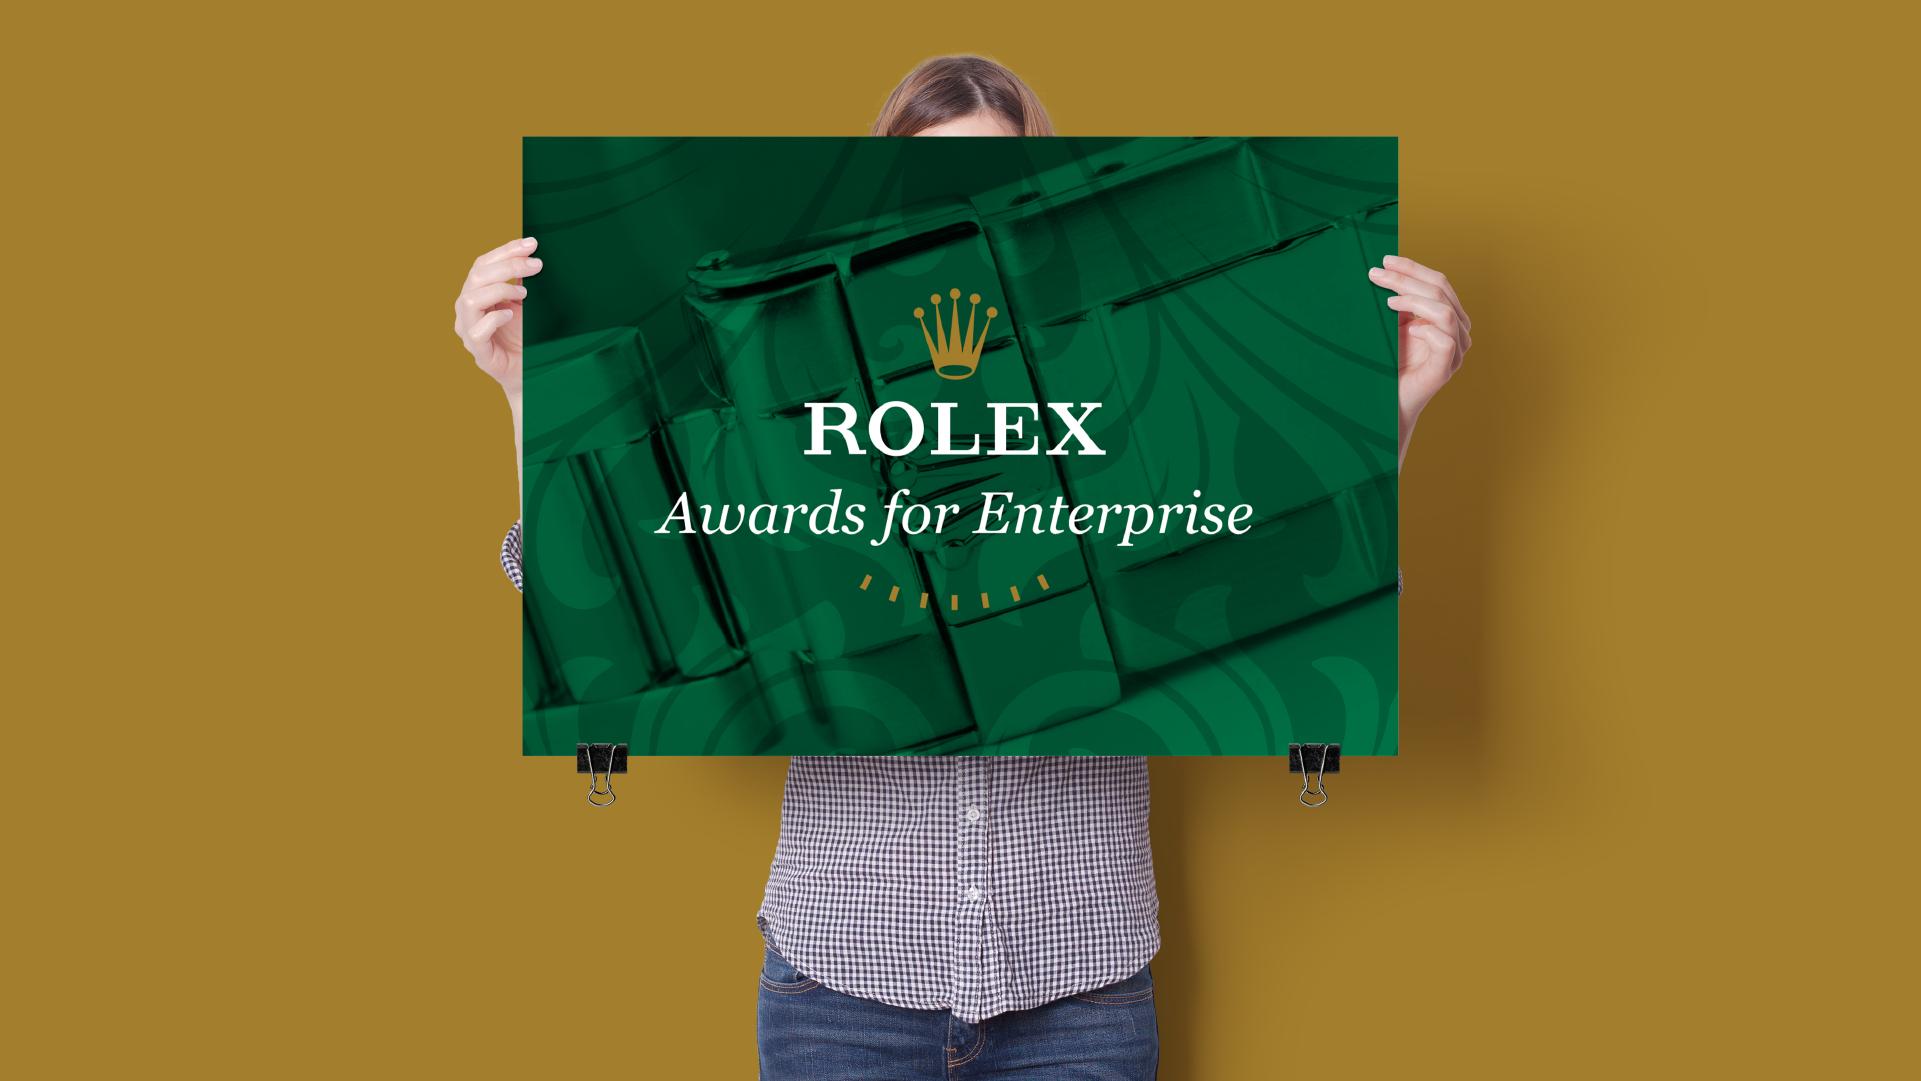 rolex-concepts_A03.png